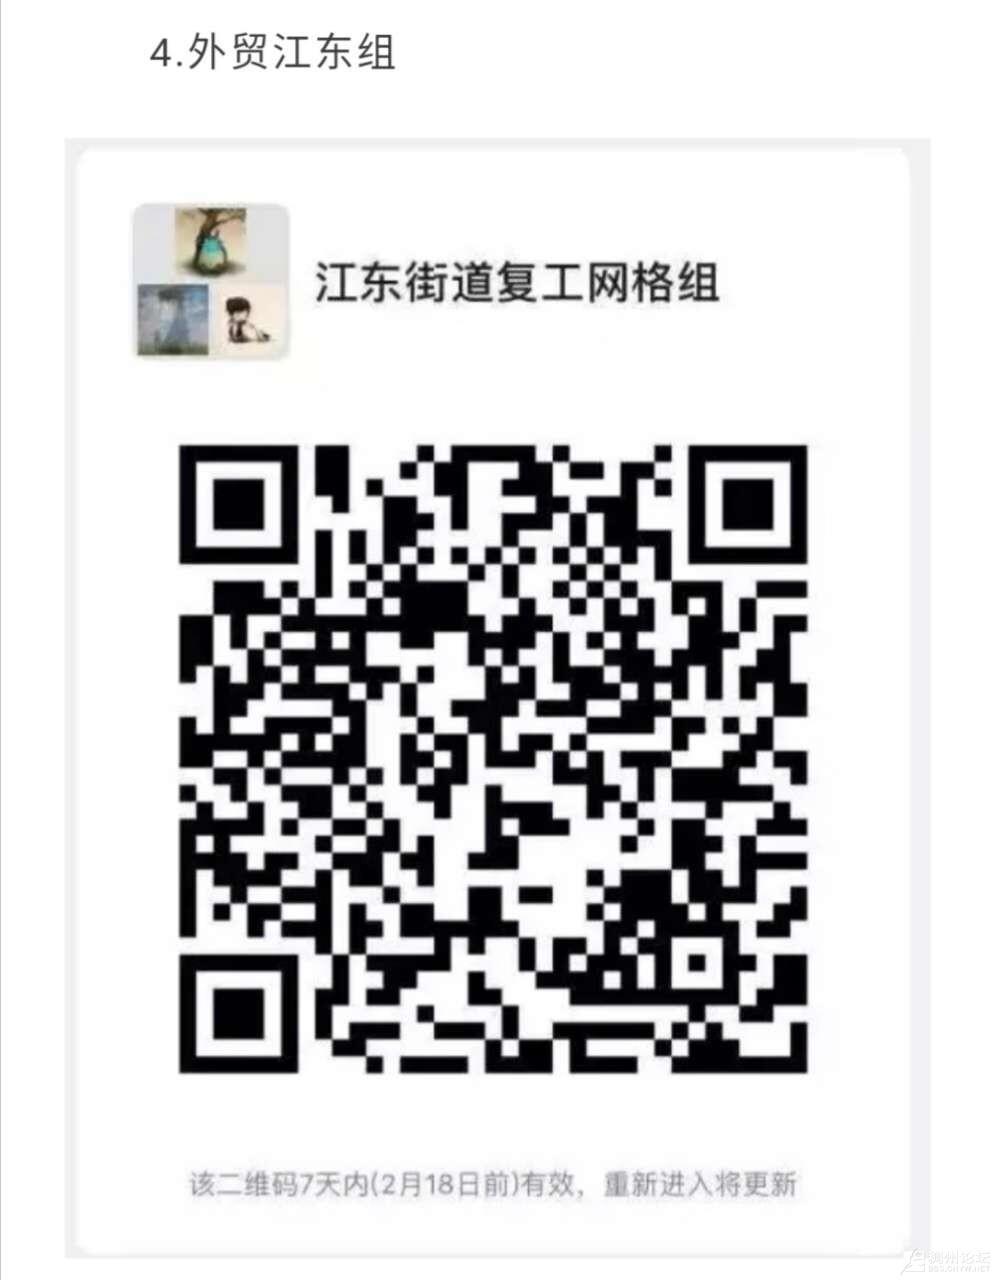 20200214_184018_1581657600246.jpg